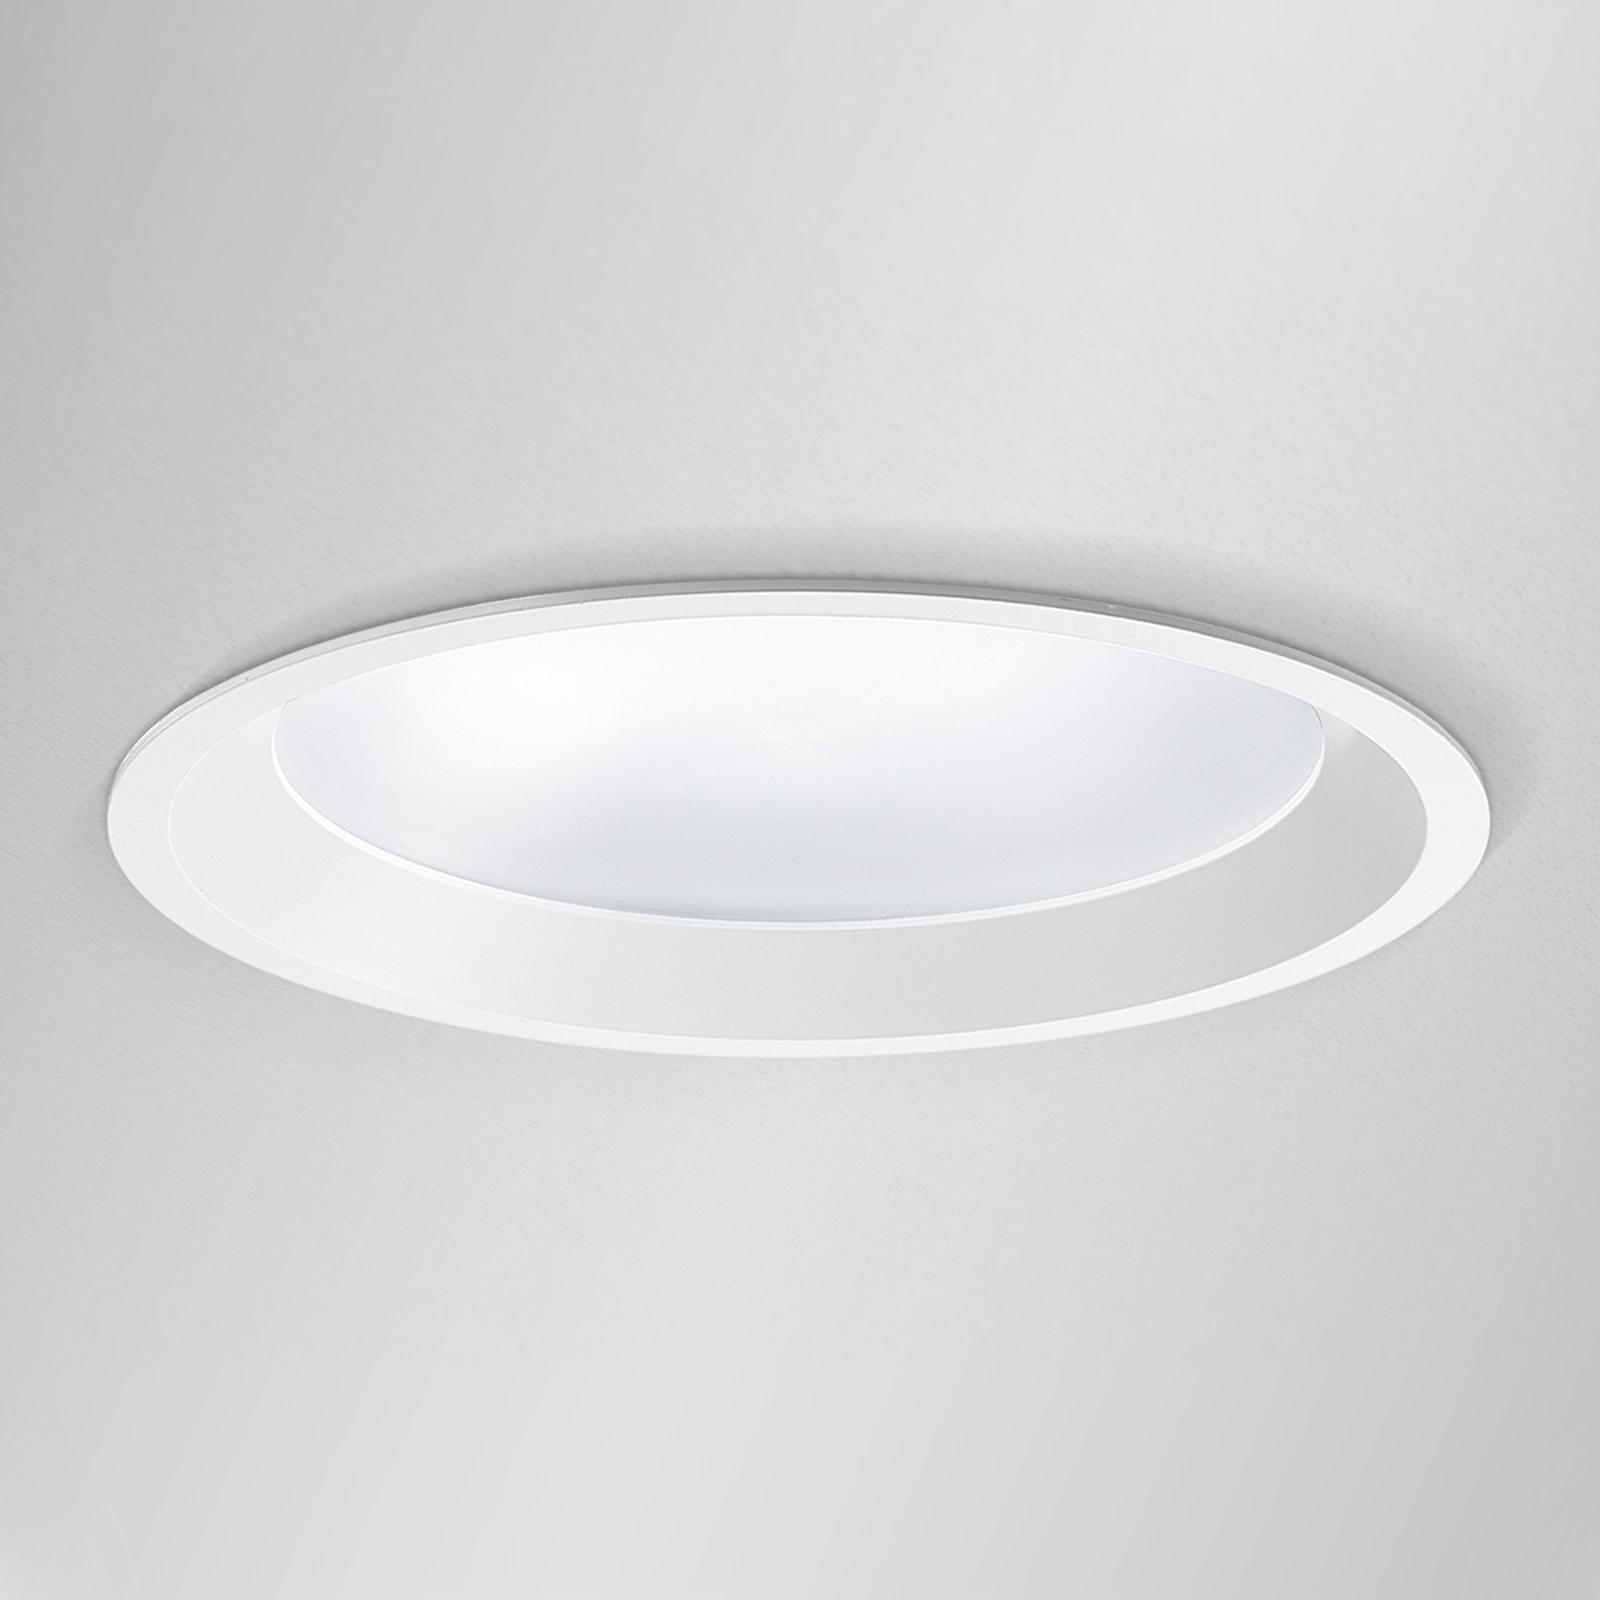 Diametro 19 cm - faretto a incasso LED Strato 190